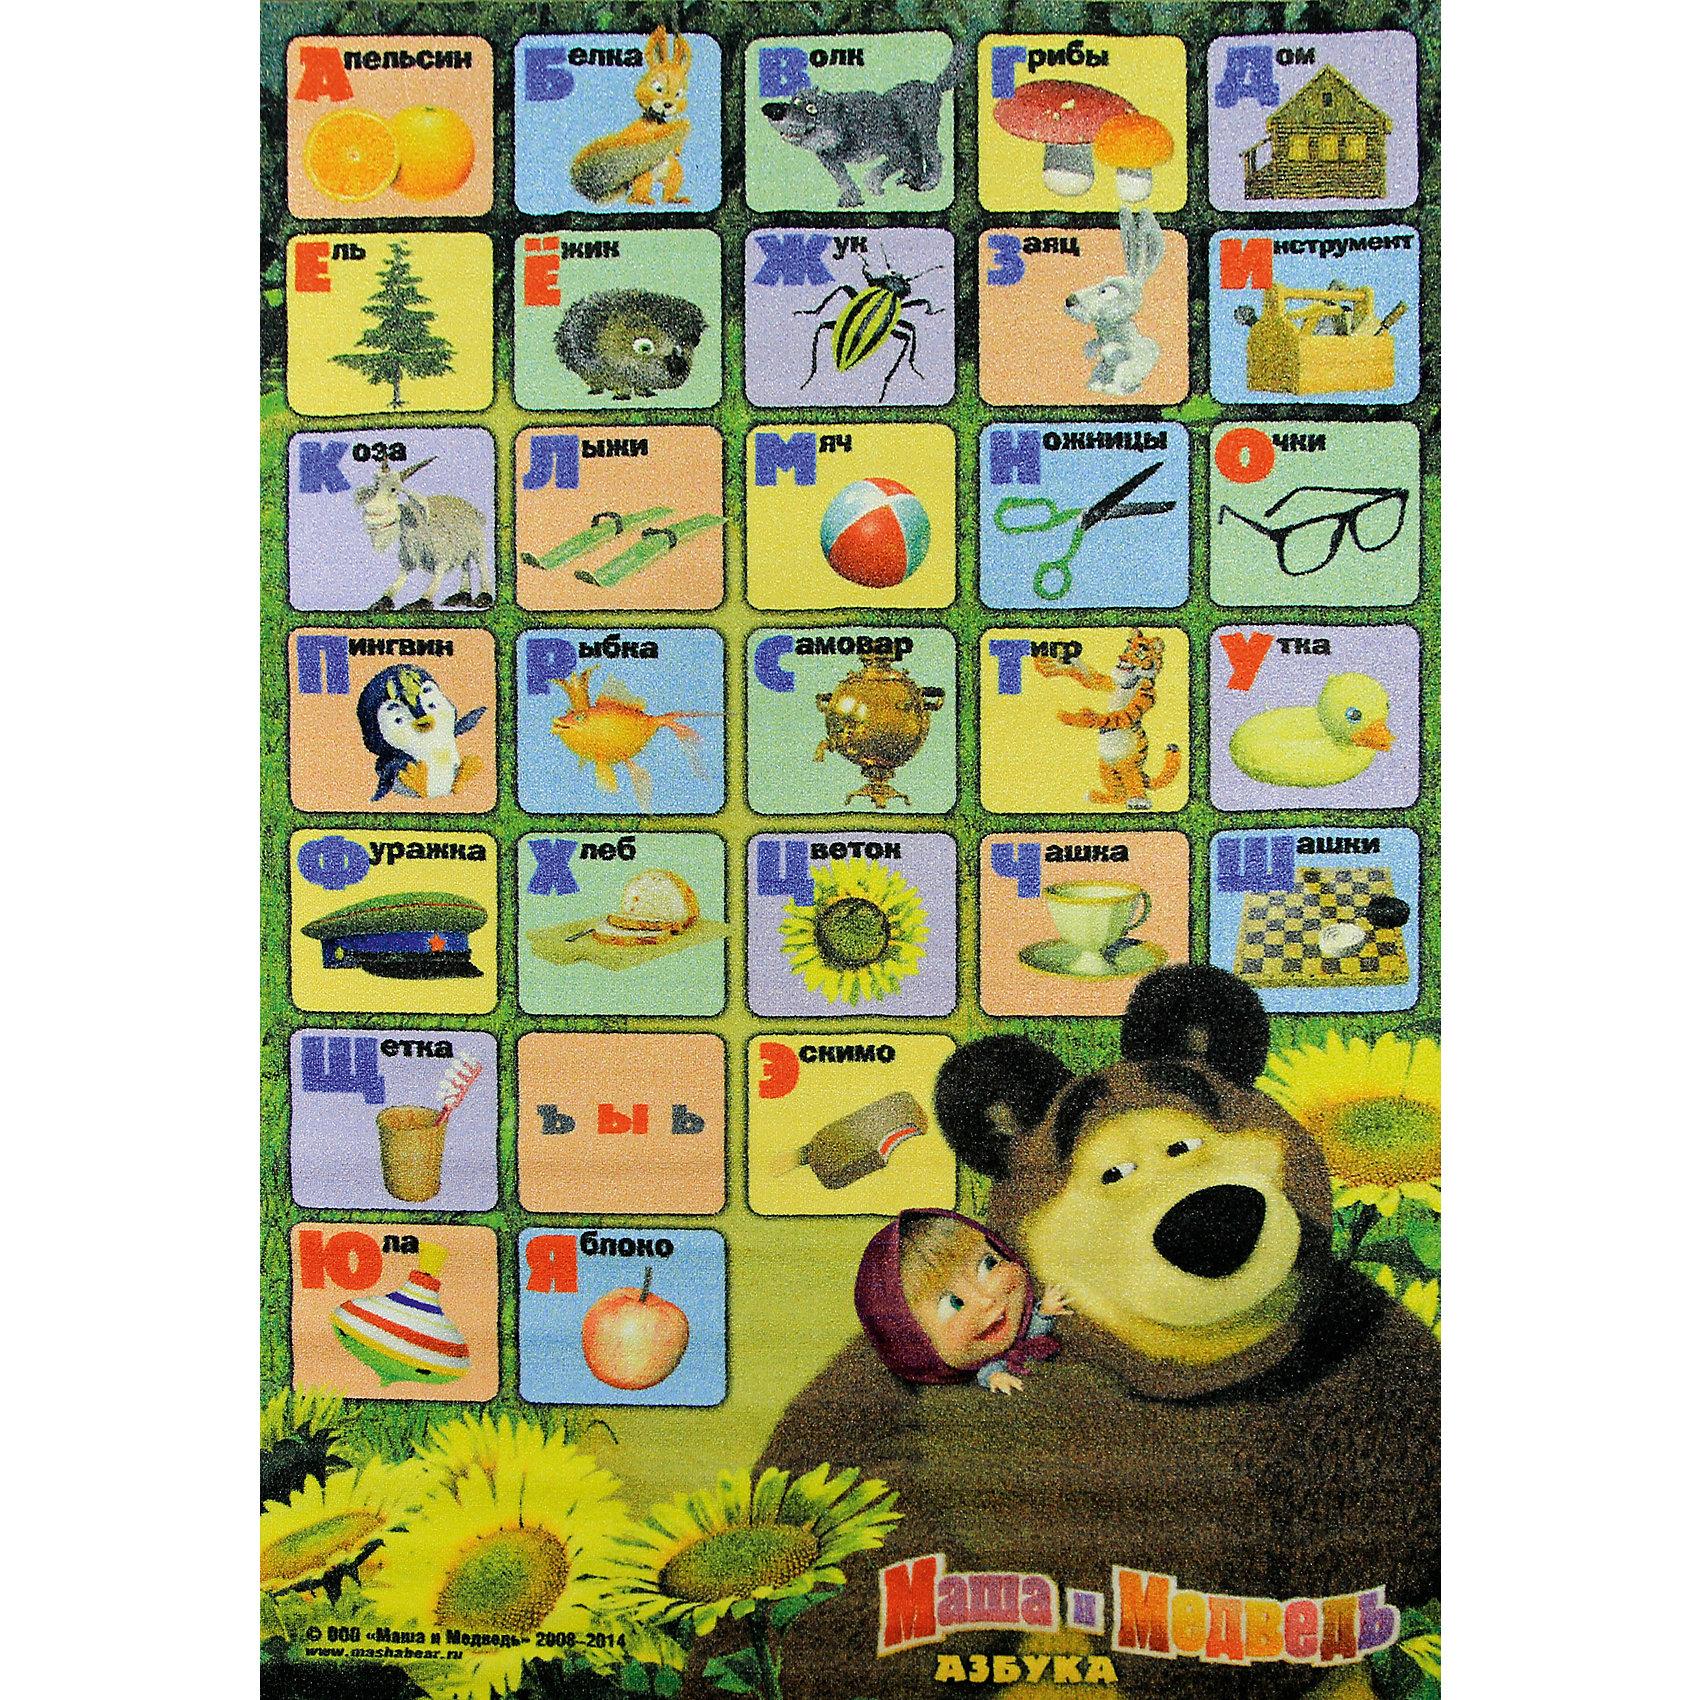 Ковер Азбука 133*195 см, Маша и МедведьДетские ковры<br>Ковер Азбука 133*195 см, Маша и Медведь – яркий развивающий ковер, за которым легко ухаживать сделает уютной комнату вашего ребенка.<br>Красочный ковер «Азбука» с героями мультсериала «Маша и Медведь» не только украсит комнату вашего ребенка, но и в игровой форме познакомит его с буквами русского алфавита. Вместе с любимыми героями ваш малыш выучит буквы, прочитает слова, начинающиеся с этих букв, и рассмотрит картинки изображающие слова на эти буквы. Качественный яркий рисунок детского ковра не выгорает, устойчив к истиранию. Ковер очень практичный, изготовлен из безопасных и высококачественных синтетических материалов. Пыль и грязь не забивается глубоко внутрь ворса, что существенно облегчает уход за изделием, а латексная основа не скользит по полу. По краям ковер аккуратно обшит. Небольшой вес позволит без труда перемещать ковер в разные места комнаты и легко производить уборку под ковром.<br><br>Дополнительная информация:<br><br>- Размер: 133х195 см.<br>- Высота ворса: 5 мм.<br>- Вес ковра: 1,3 кг/м2<br>- Плотность ворса: 290000 точек на м?<br>- Состав ворса: 100% полиамид<br>- Состав основы: гелиевая<br>- Цвет: разноцветный<br>- Вид производства: машинное<br><br>Ковер Азбука 133*195 см, Маша и Медведь можно купить в нашем интернет-магазине.<br><br>Ширина мм: 300<br>Глубина мм: 300<br>Высота мм: 1330<br>Вес г: 3112<br>Цвет: желтый<br>Возраст от месяцев: 36<br>Возраст до месяцев: 120<br>Пол: Унисекс<br>Возраст: Детский<br>SKU: 4466027